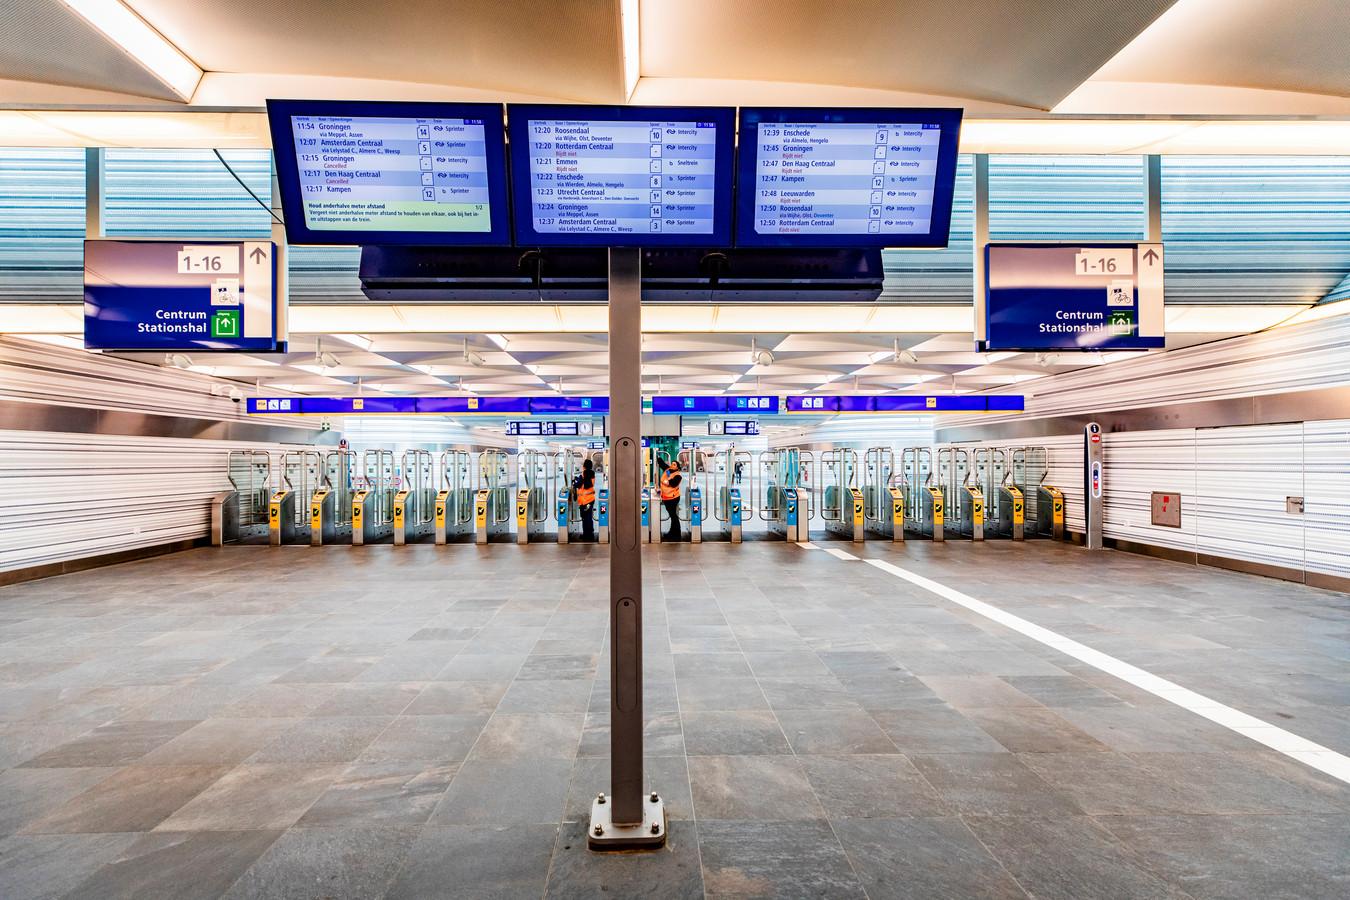 Stilte in de tunnel onder het station van Zwolle. Normaal zou het er in de spits krioelen met reizigers. Zij mijden nu het openbaar vervoer.